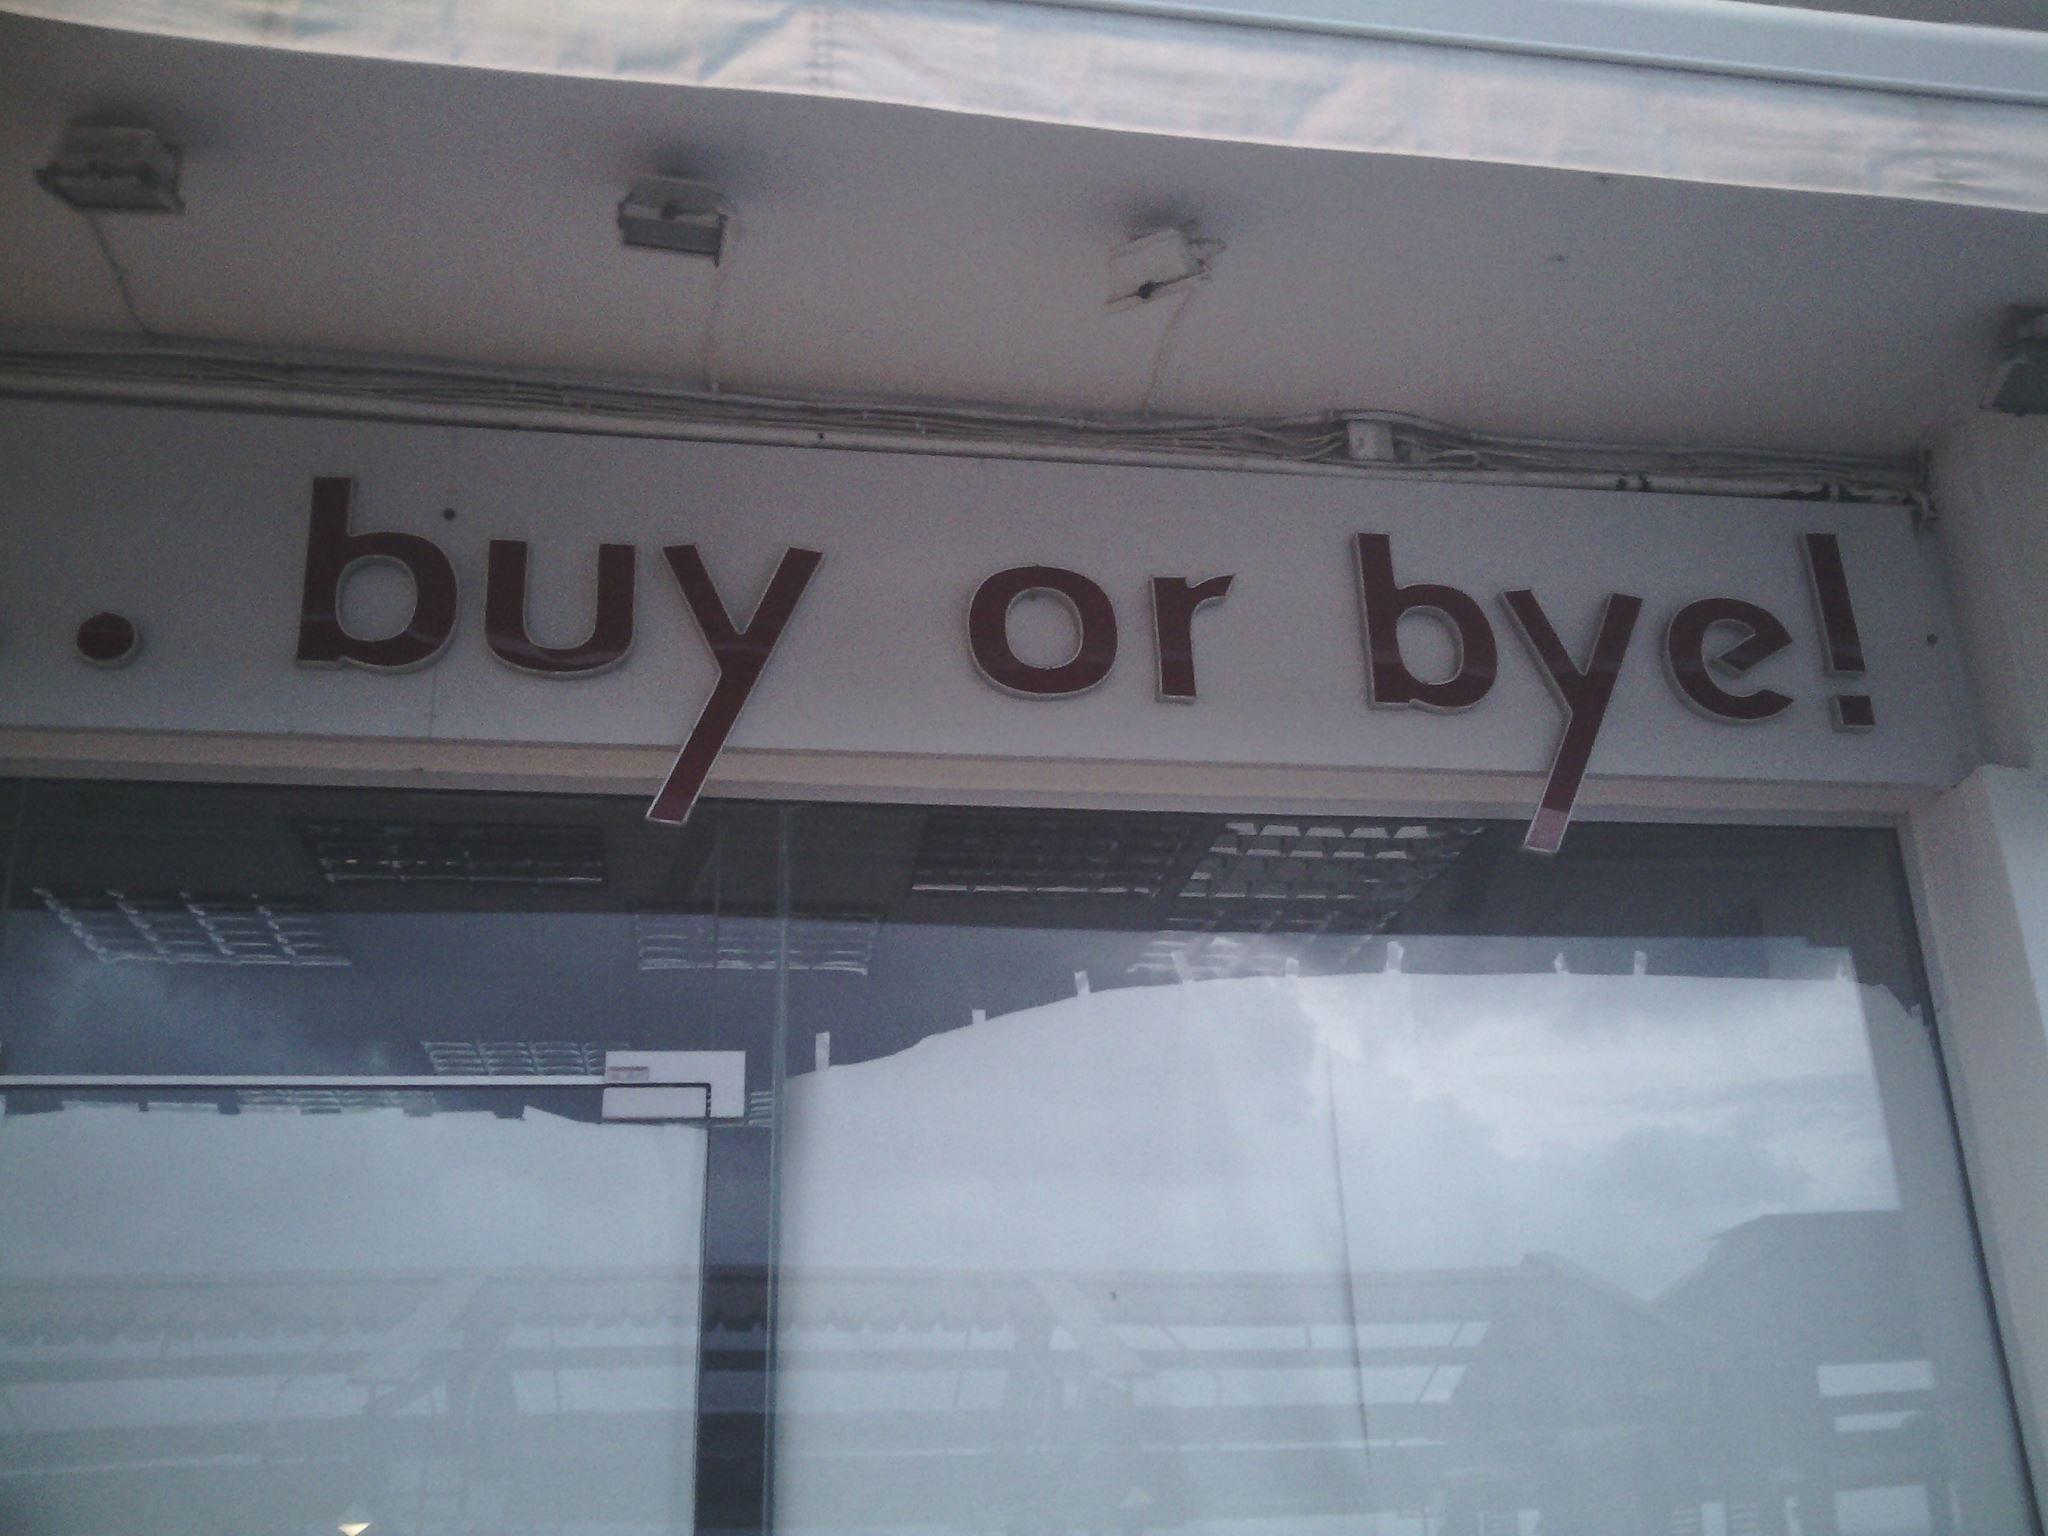 Buy of bye (Χερσόνησος)